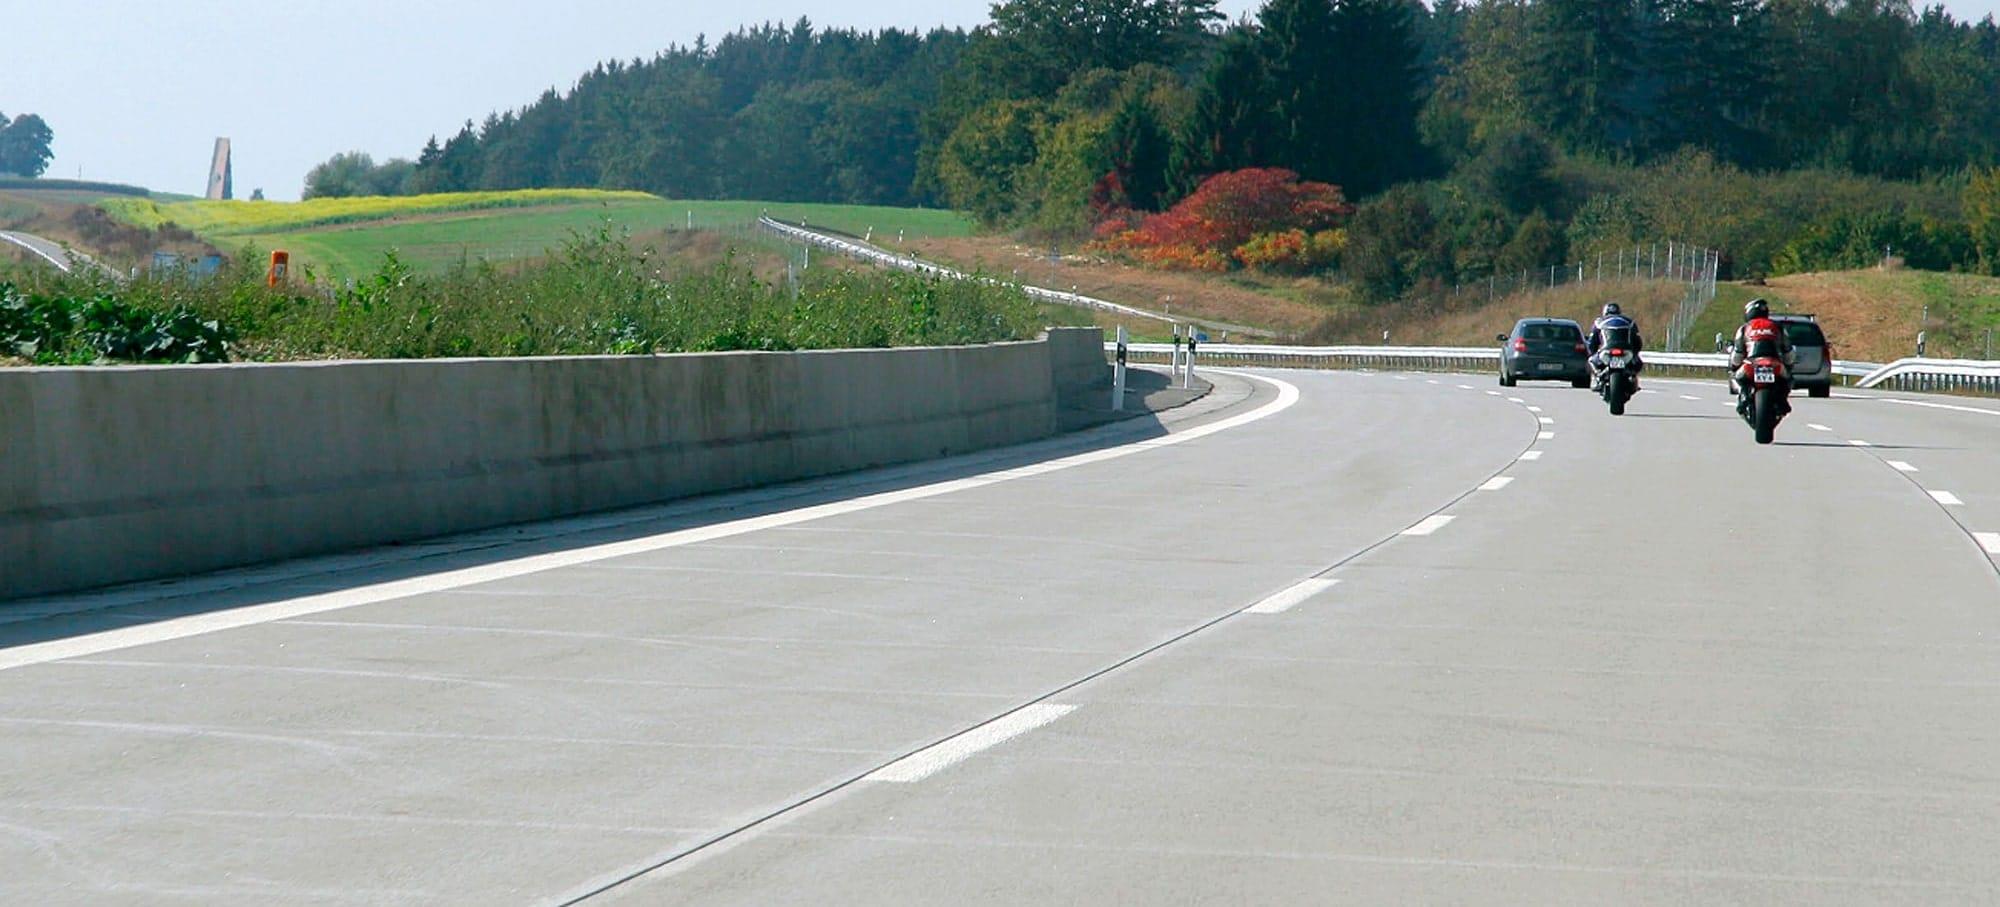 Rodovias europeias construídas com pavimento de concreto emitem bem menos CO₂ que as revestidas com asfalto Crédito: EUPAVE